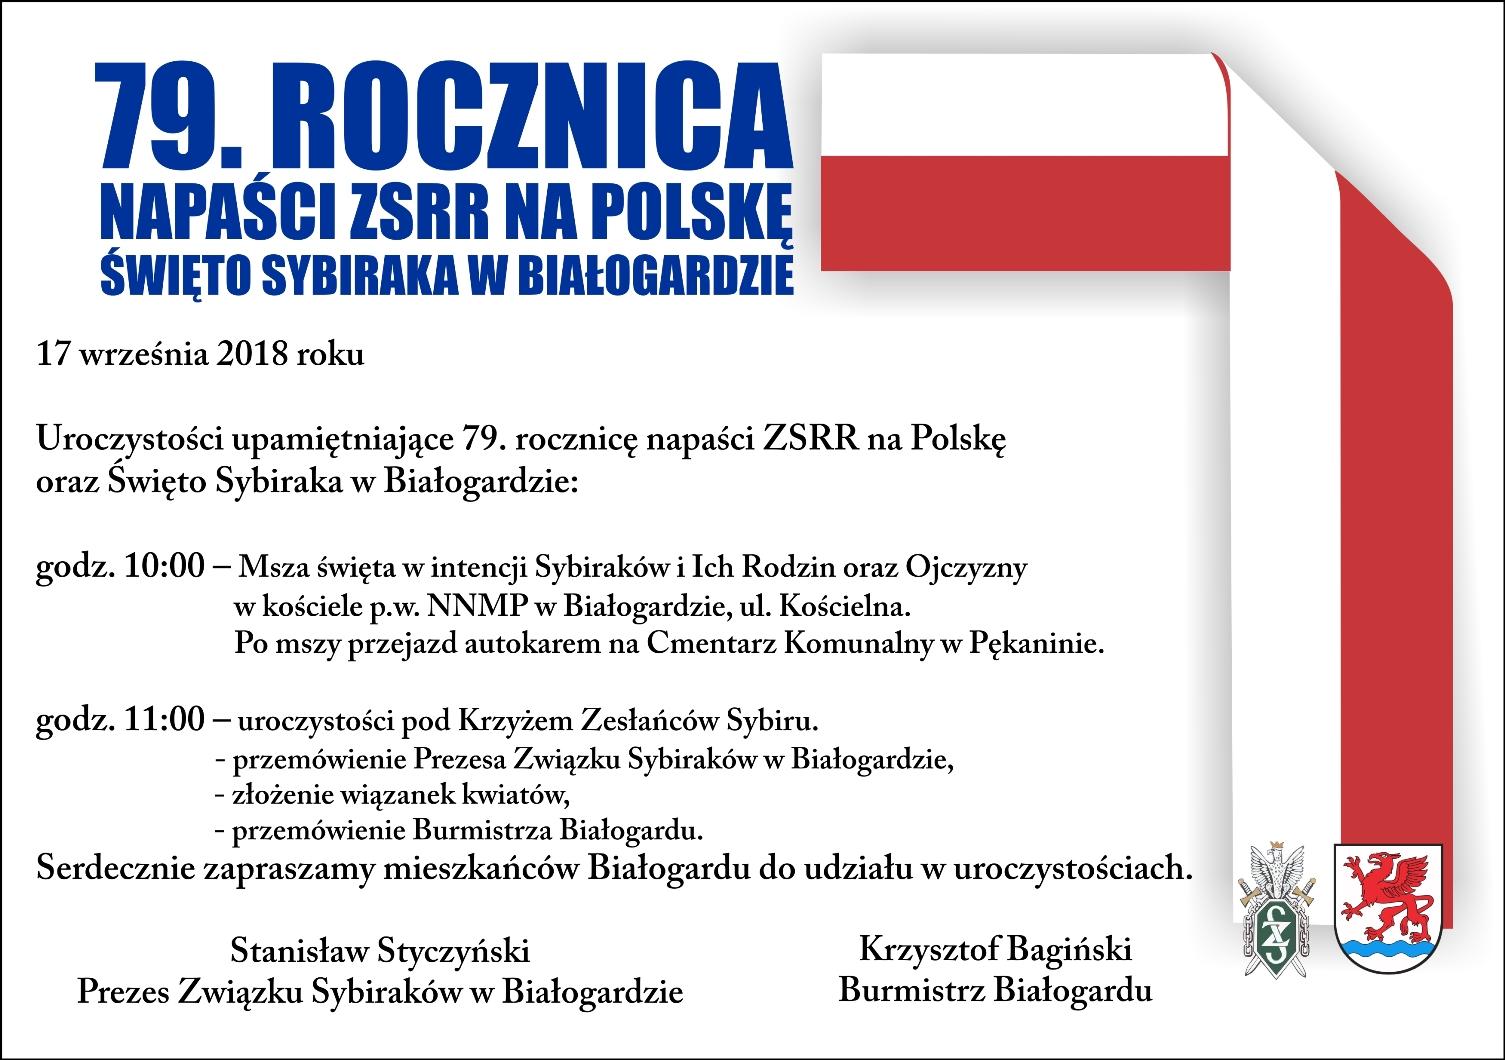 79. rocznica napaści ZSRR na Polskę, Miasto Białogard